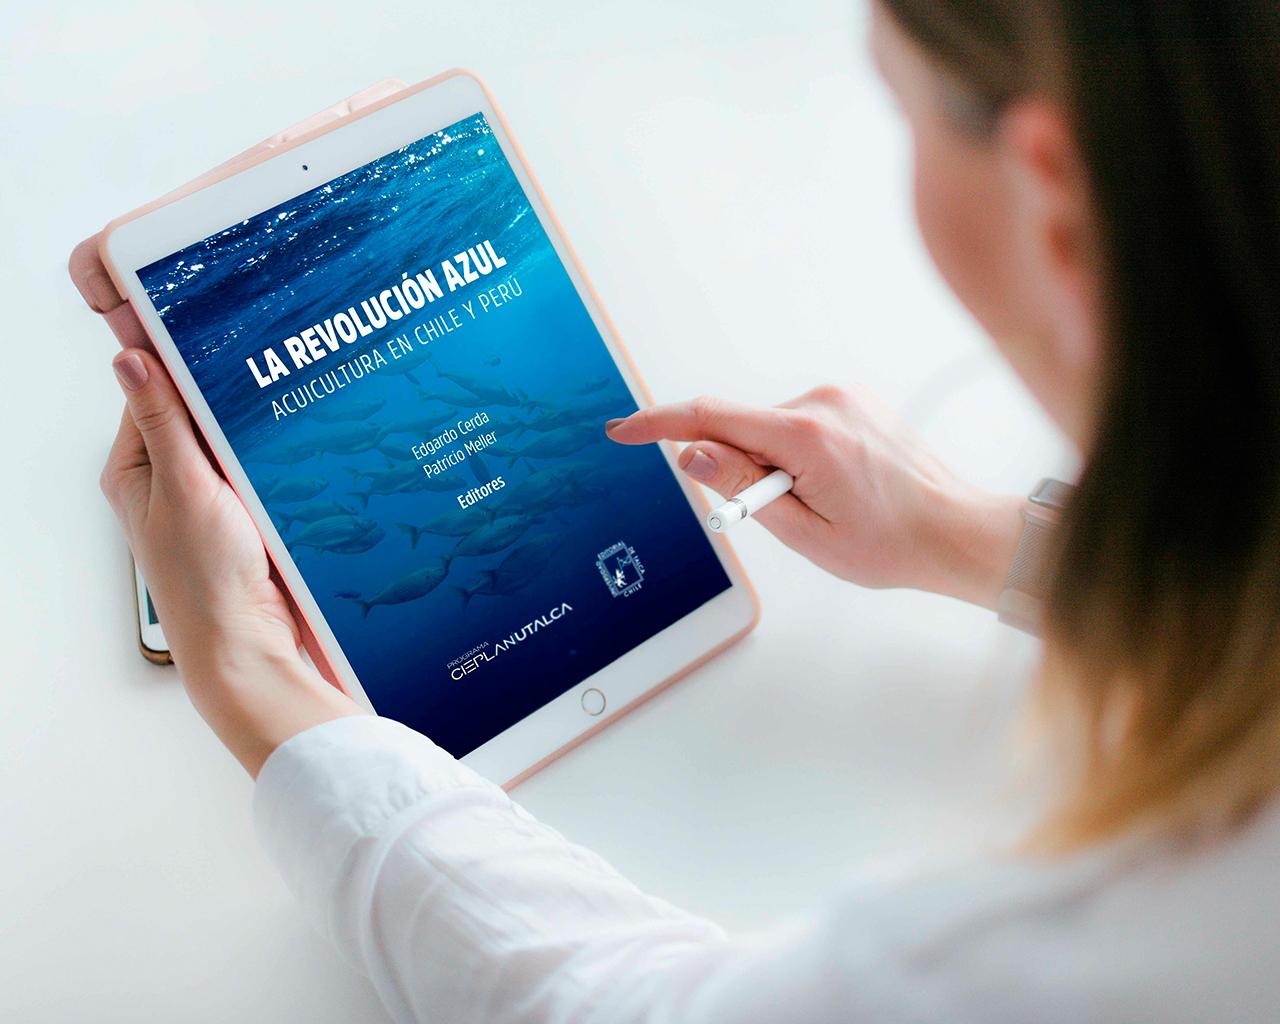 """Editorial UTalca, Cieplan y U. del Pacífico lanzan libro  """"La revolución azul: acuicultura en Chile y Perú"""""""